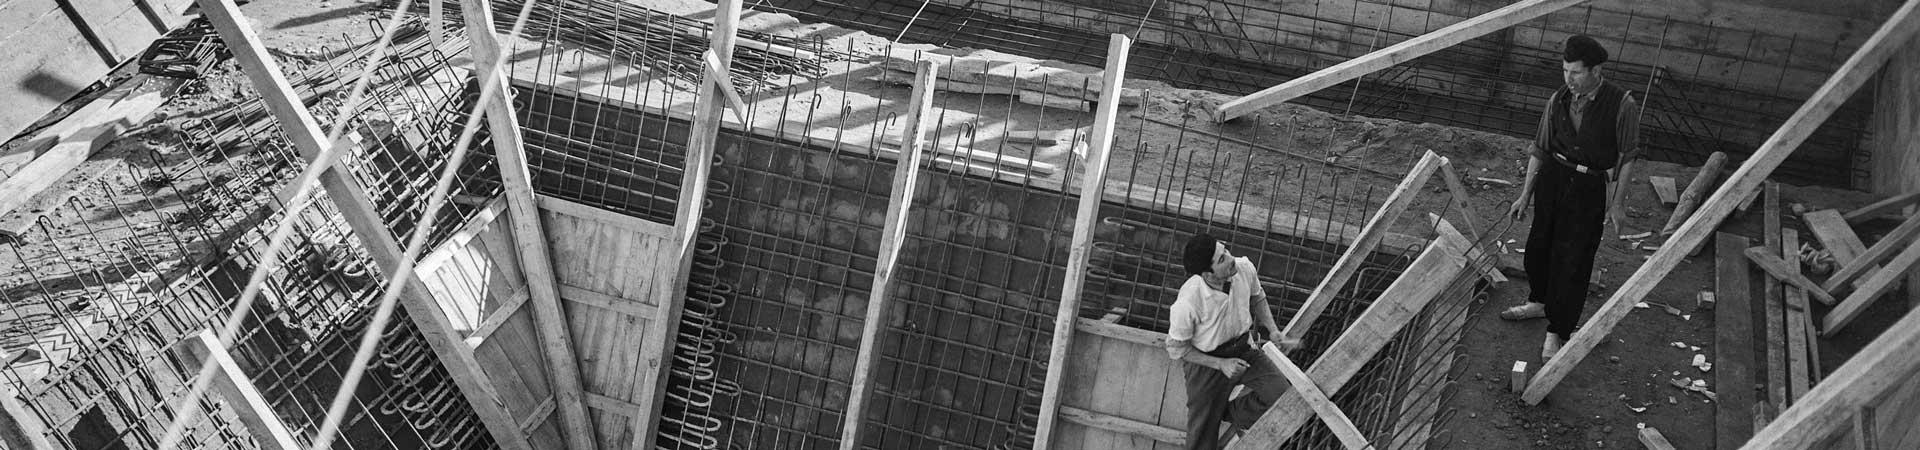 Construcció de l'estació depuradora d'Aigües de Barcelona per a la captació d'aigües subterrànies a Sant Joan Despí. Anys 50. Col. Plasencia / IEFC